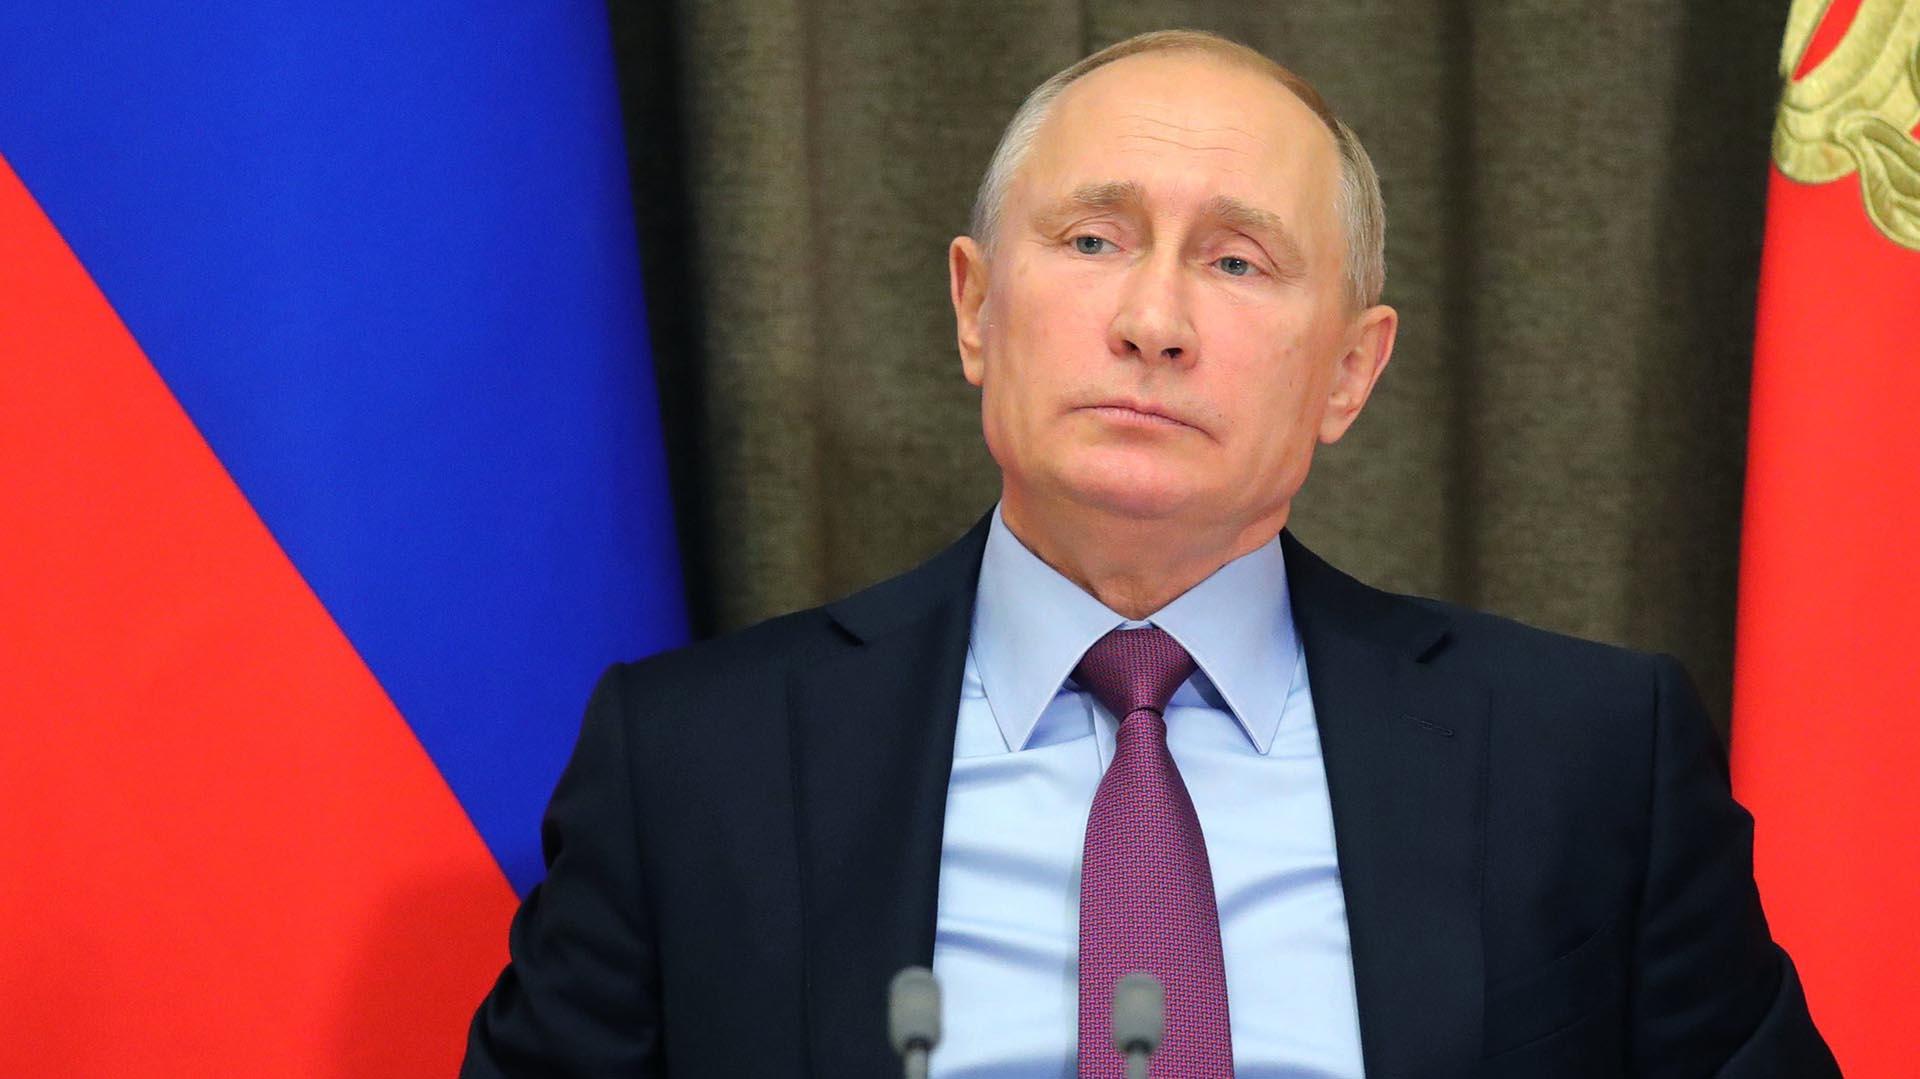 El presidente ruso, Vladimir Putin,estuvo personalmente a cargo de la operación contra las elecciones en los EEUU, según Malcolm Nance (EFE/Michael Klimentyev/Sputnik)